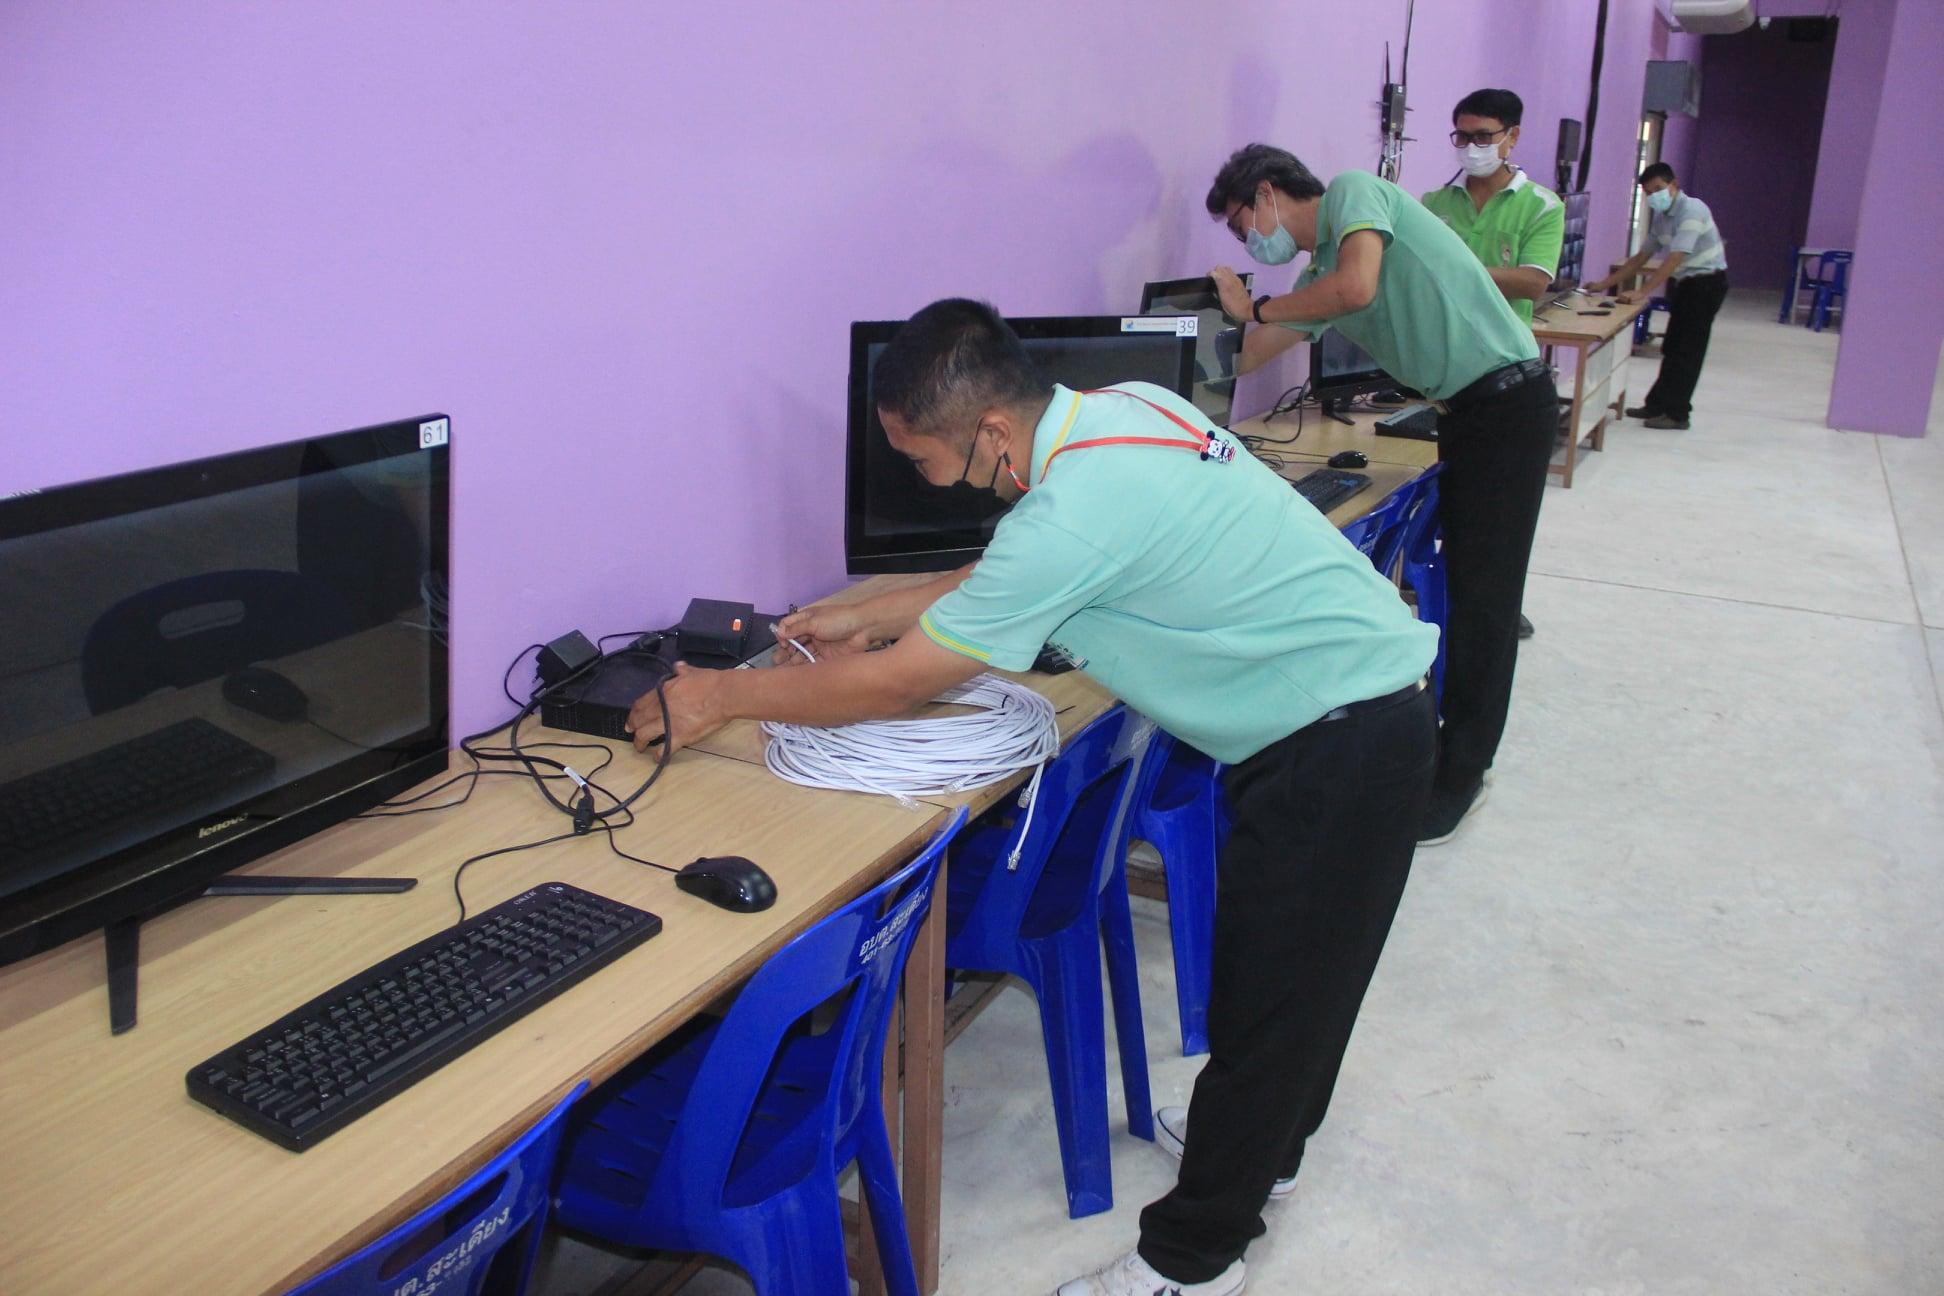 มหาวิทยาลัยราชภัฏเพชรบูรณ์ เตรียมความพร้อมจัดตั้งโรงพยาบาลสนามแห่งที่ 2